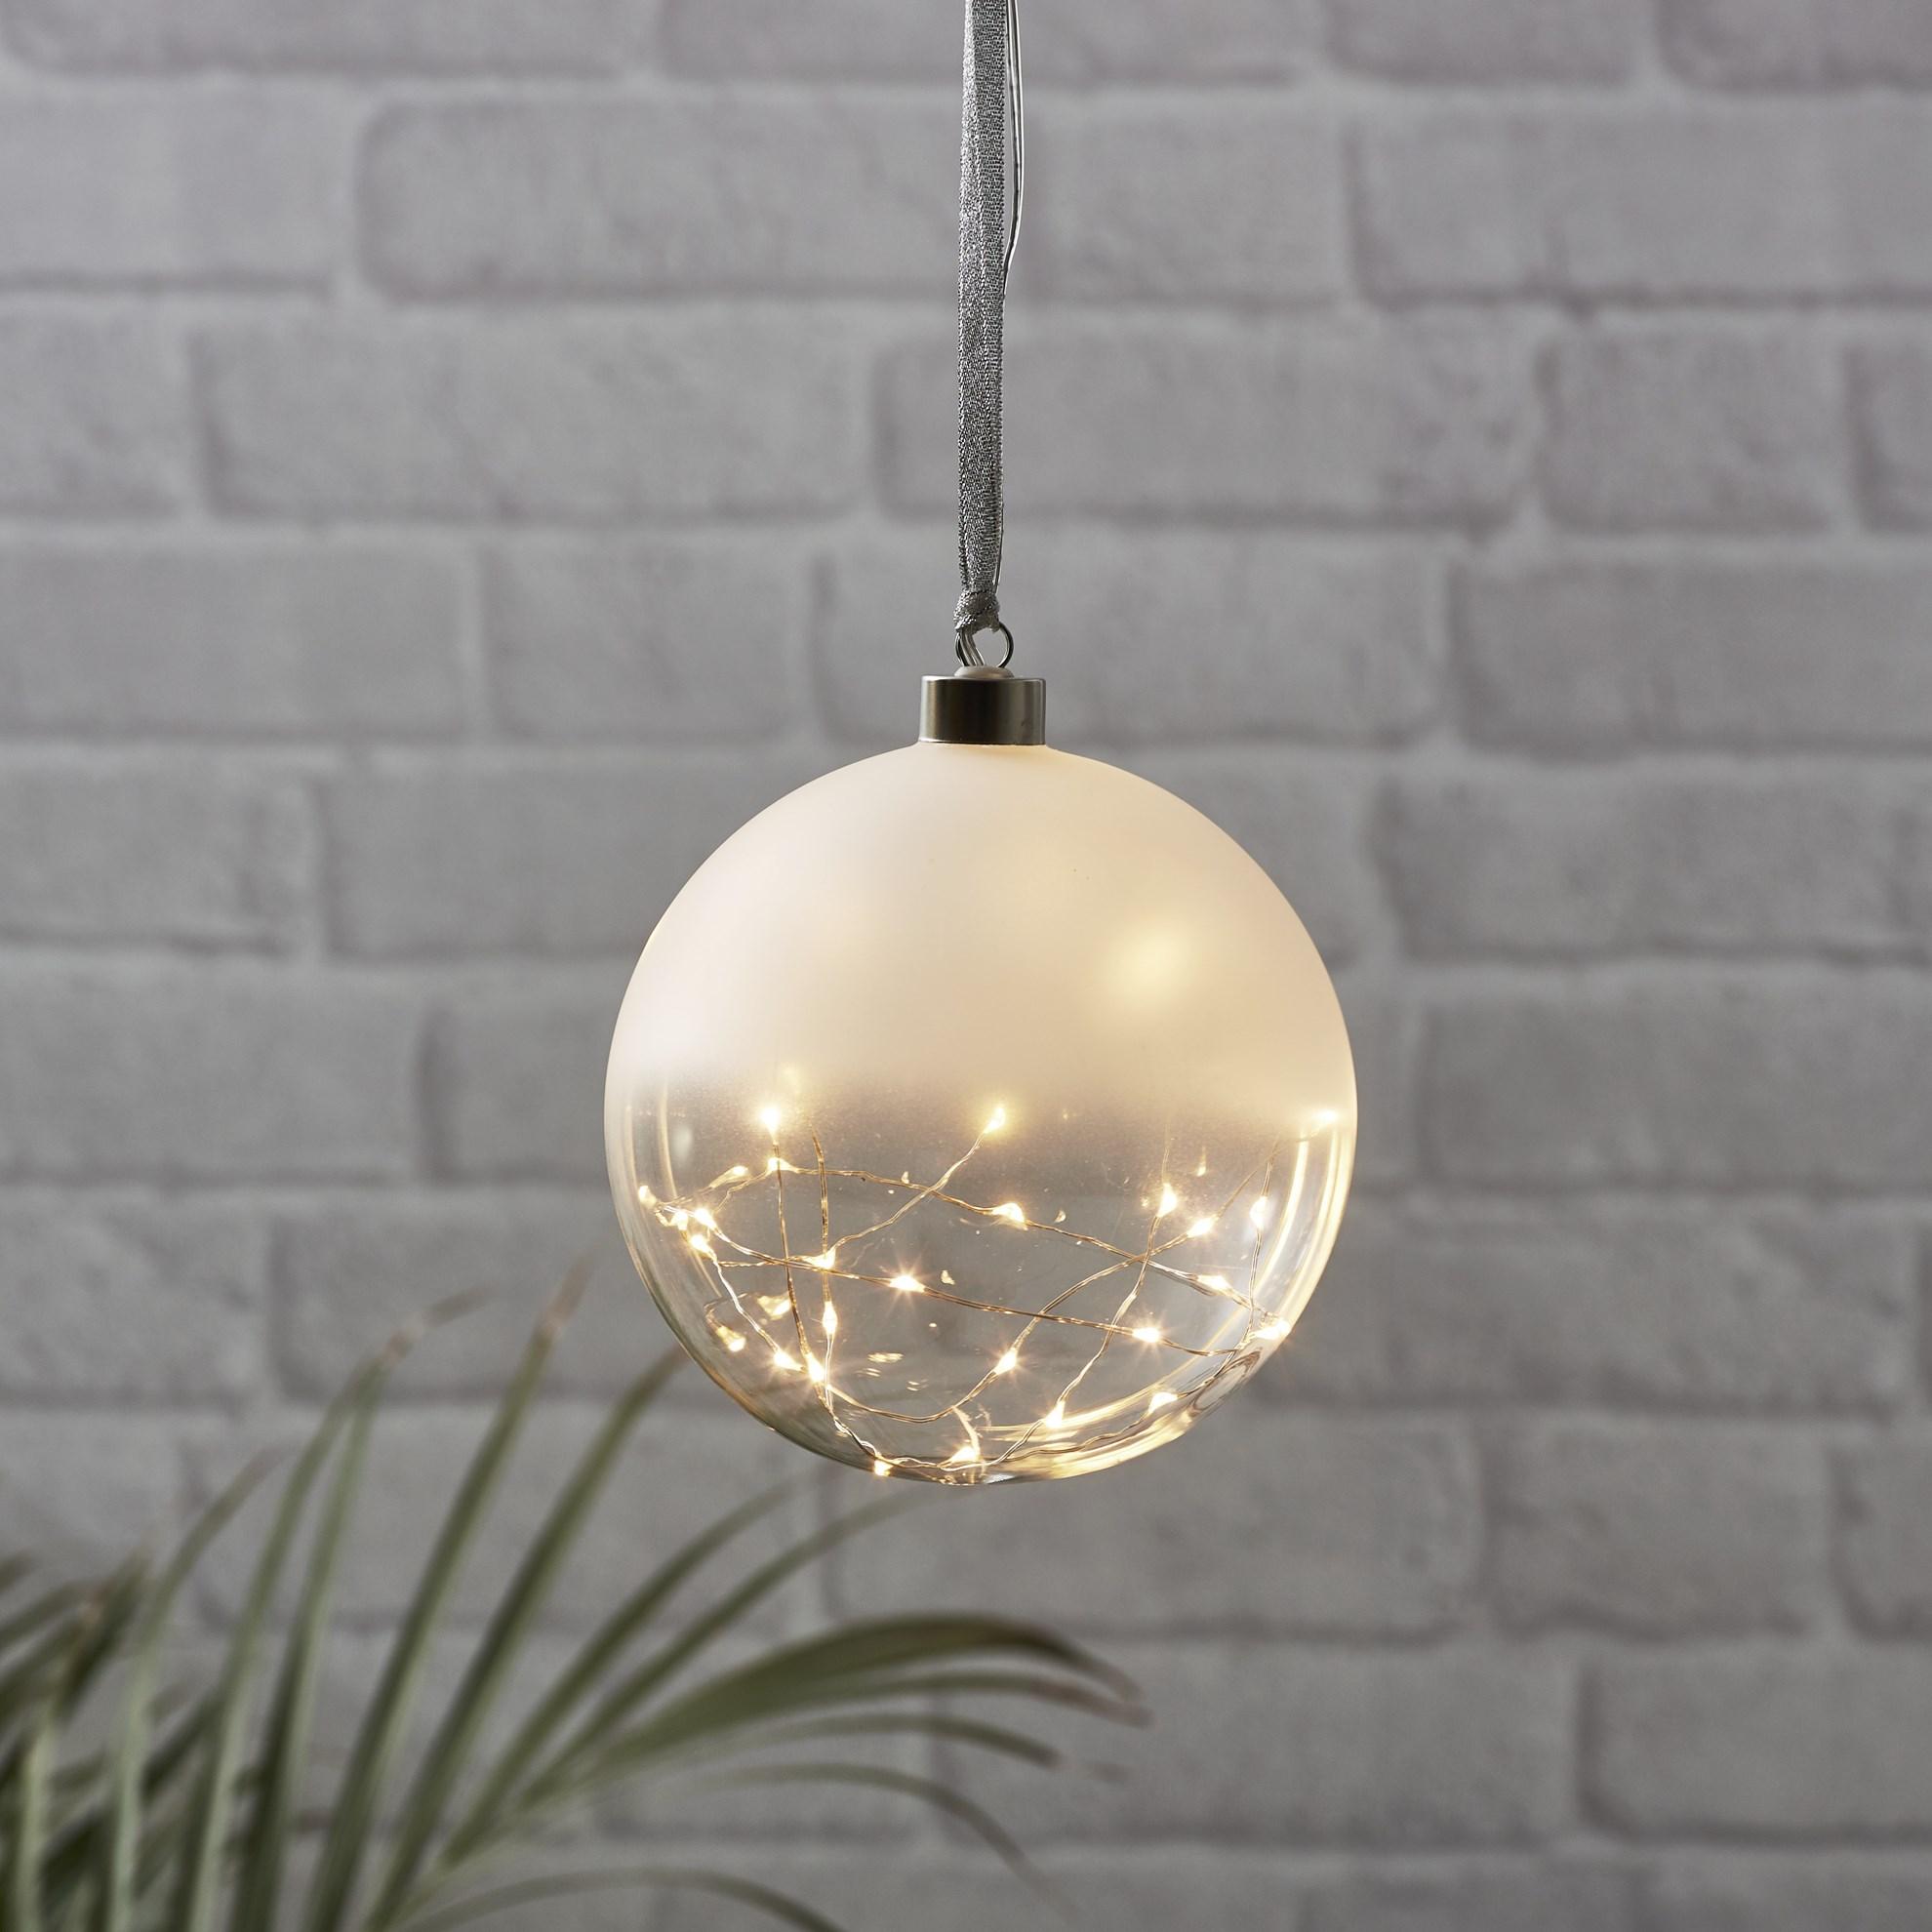 """LED skleněné osvětlení """"Glow"""", 30x LED_0"""